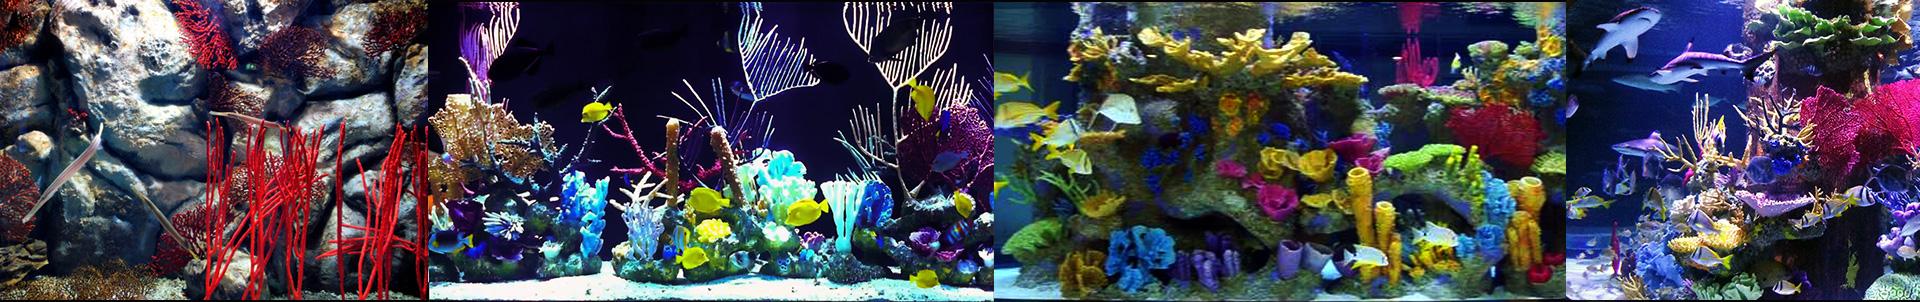 Искусственные кораллы в аквариуме